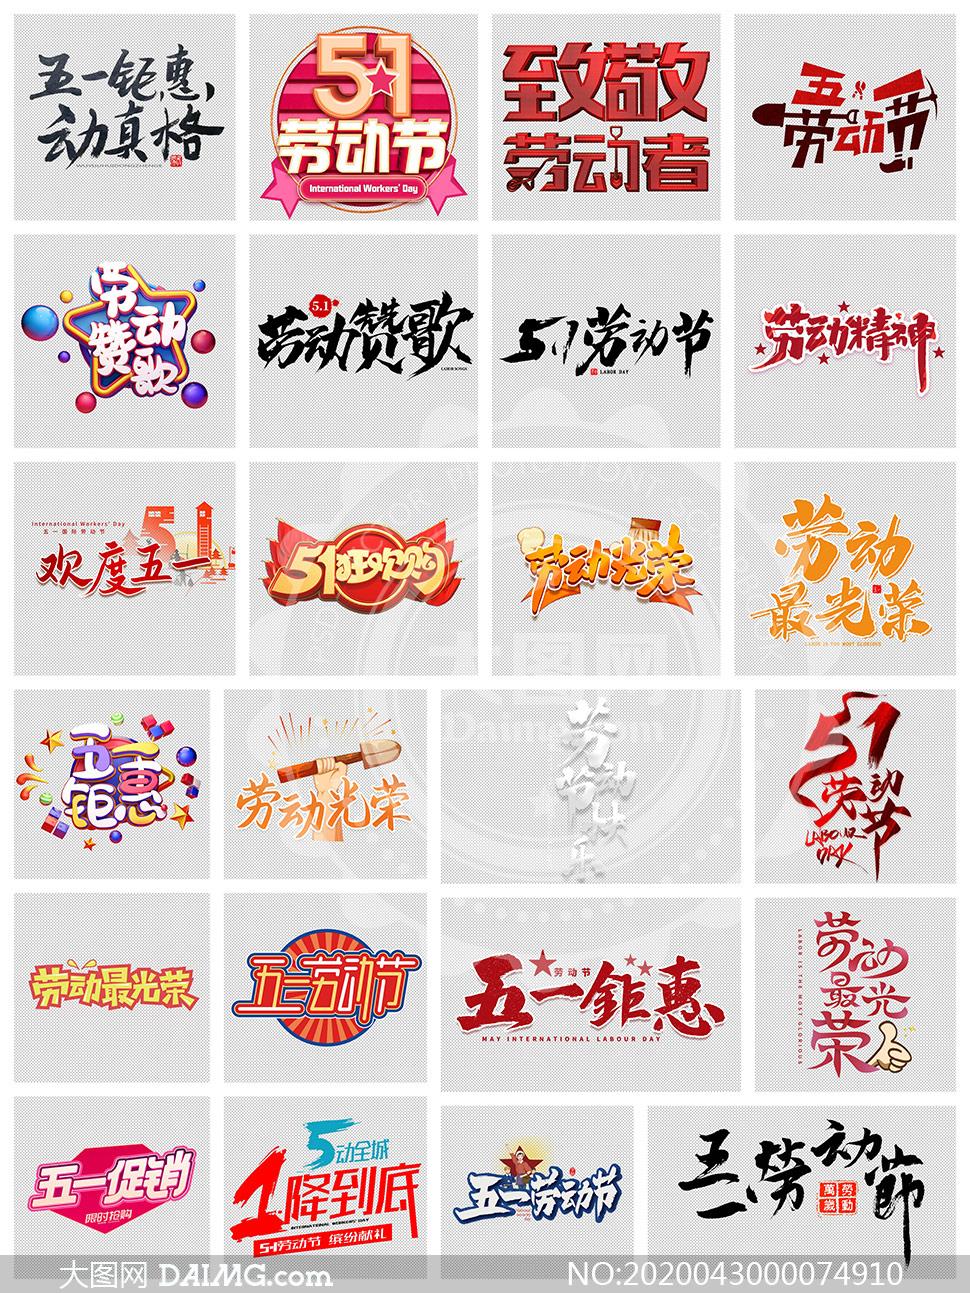 51劳动节艺术字设计免扣图片素材V6